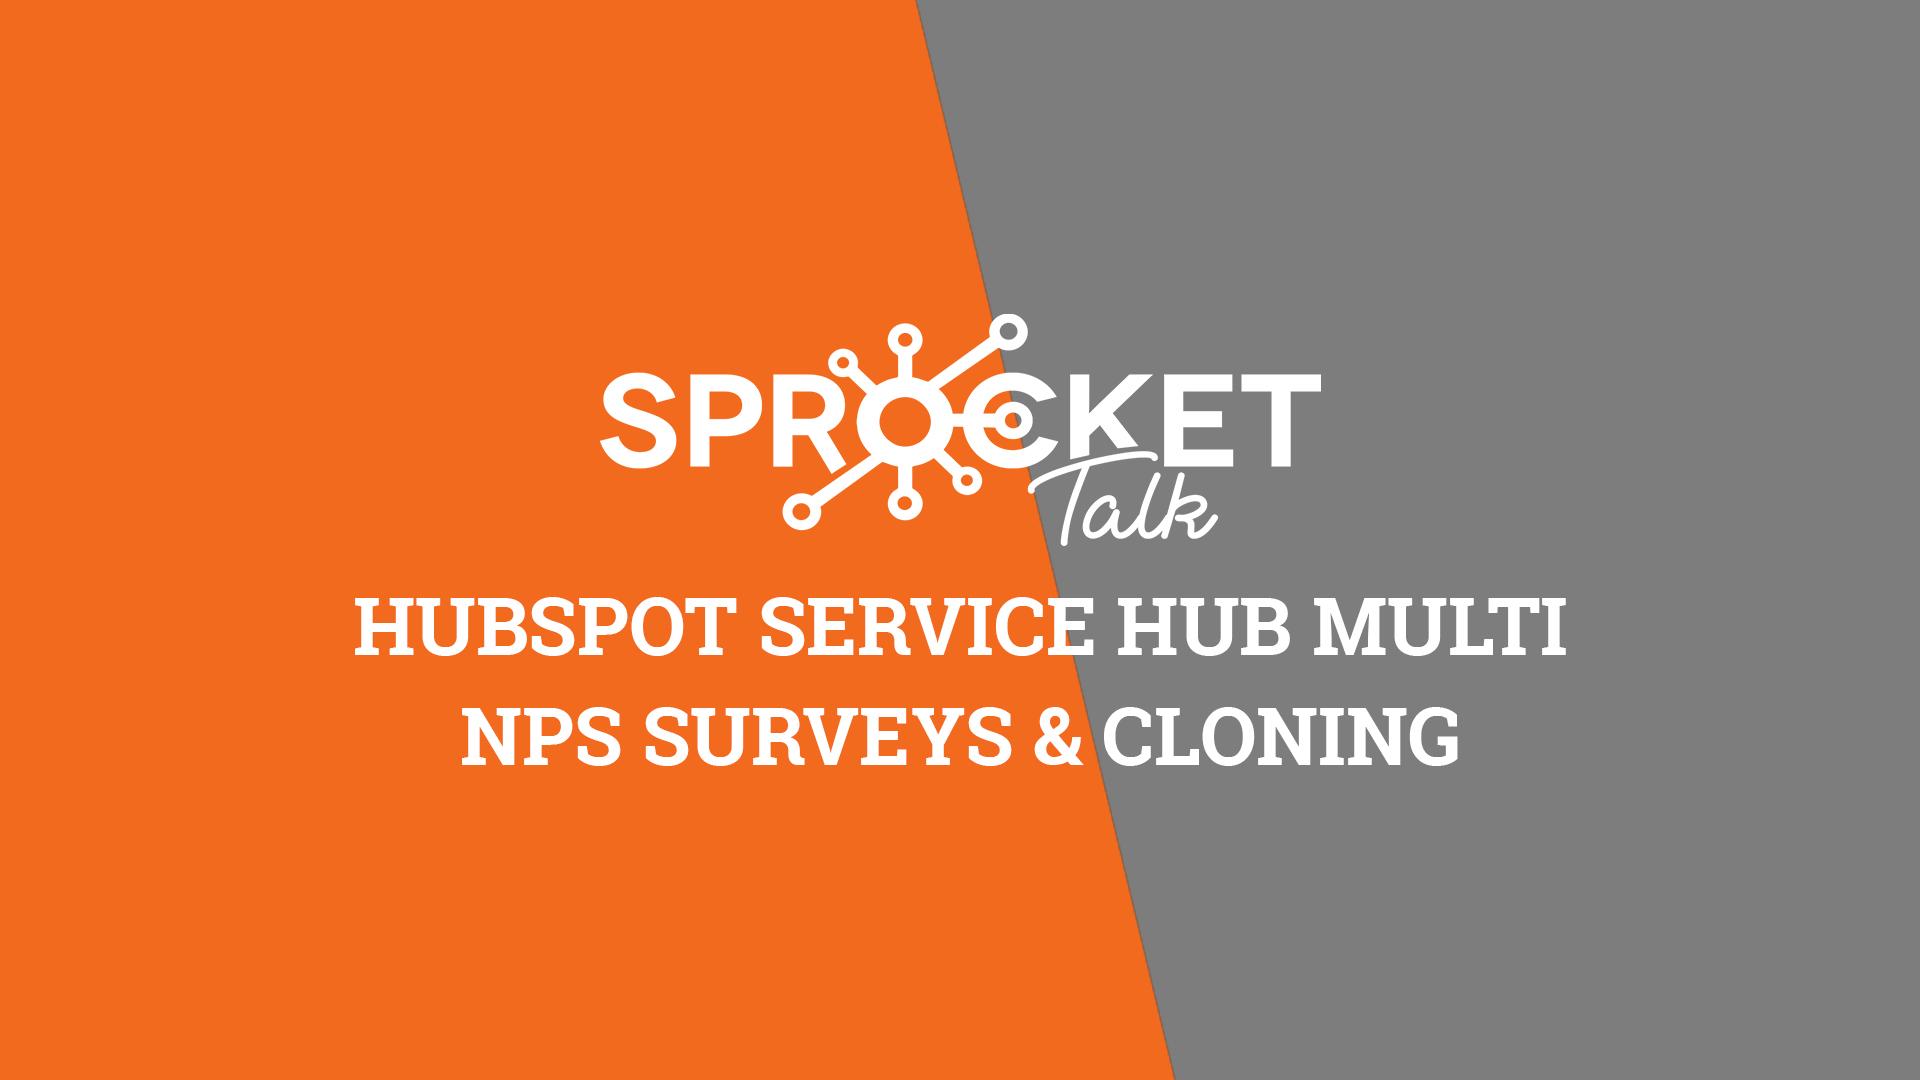 HubSpot Service Hub Multi NPS Surveys & Cloning